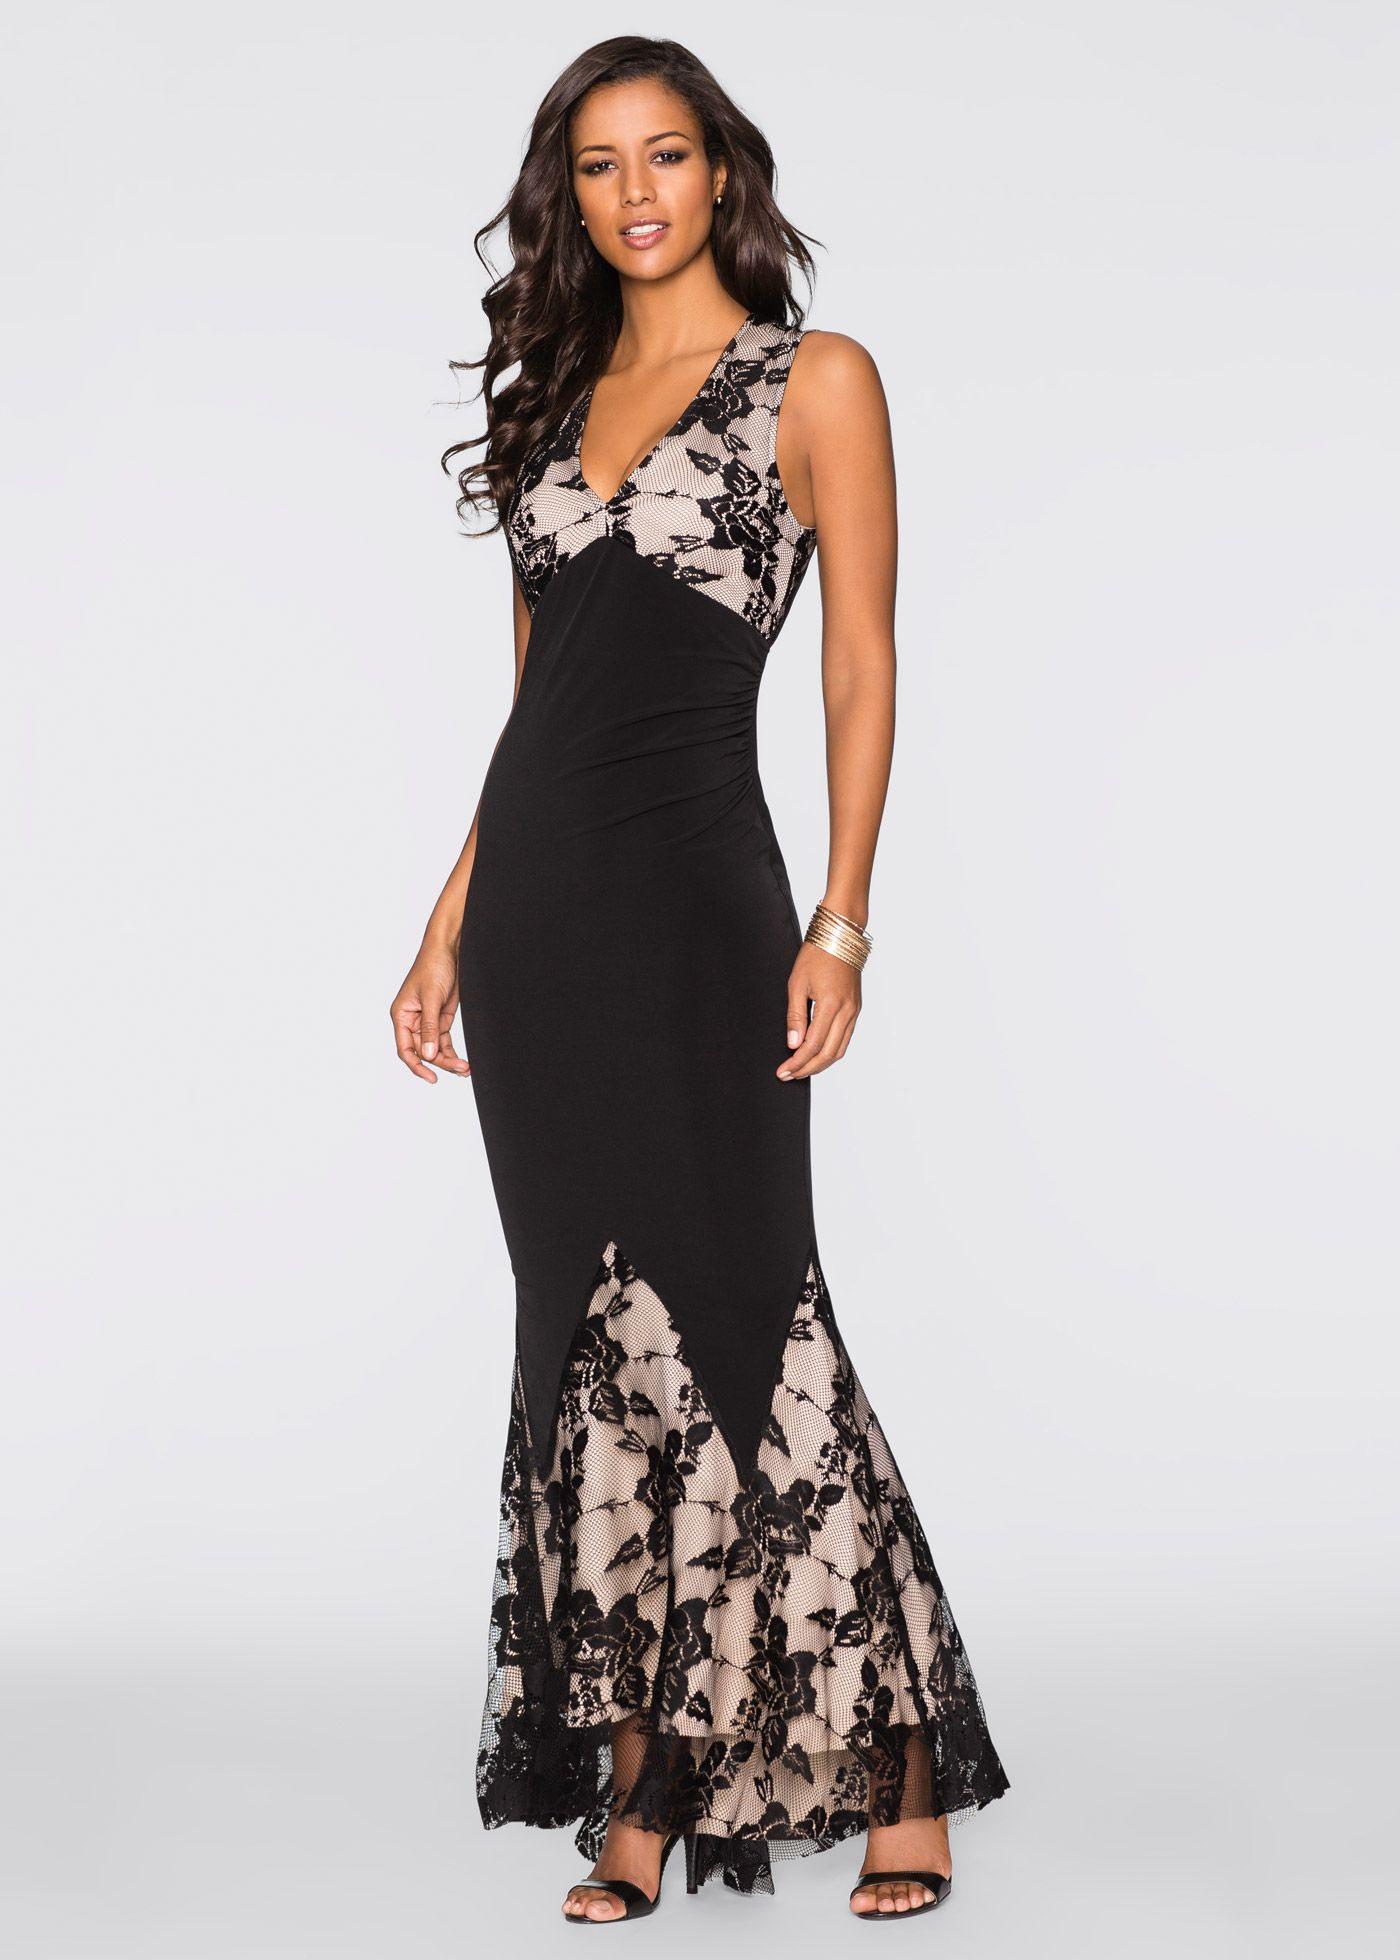 Abend Luxurius Schwarzes Bodenlanges Kleid Bester PreisDesigner Wunderbar Schwarzes Bodenlanges Kleid Design